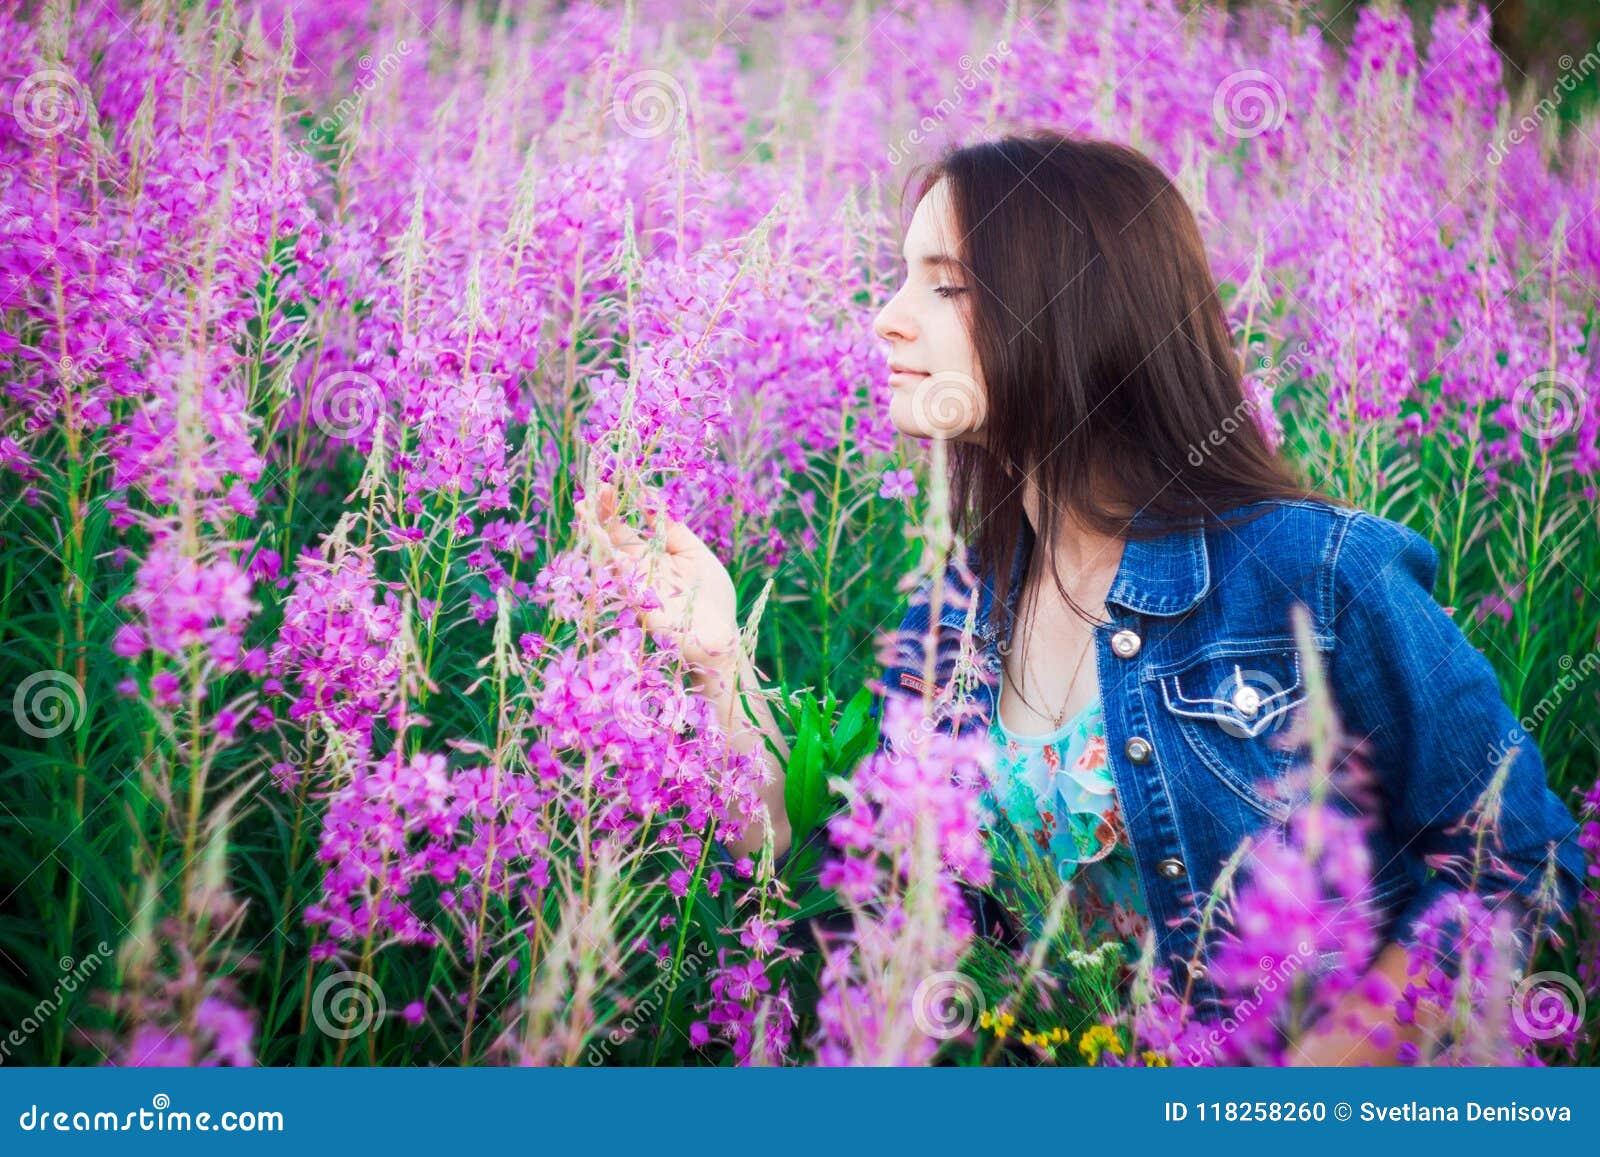 La ragazza nel profilo su un fondo dei prati porpora del fiore con un sorriso che esamina i fiori